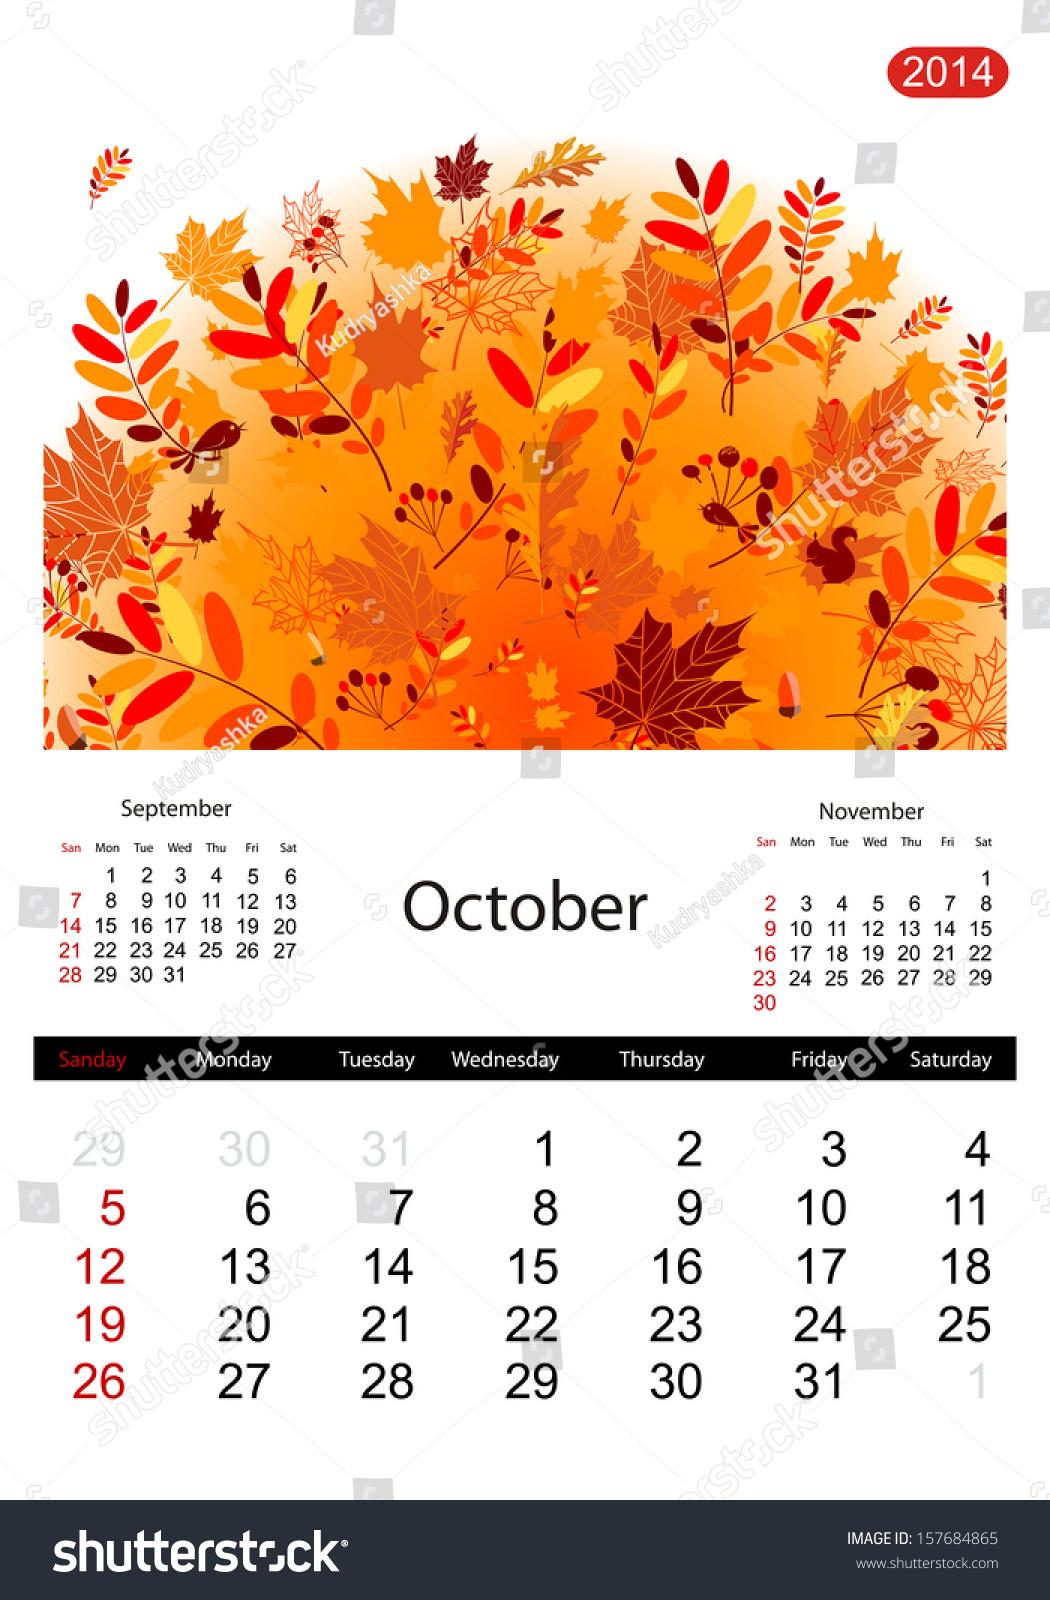 October Calendar Illustration : Floral calendar october stock vector illustration